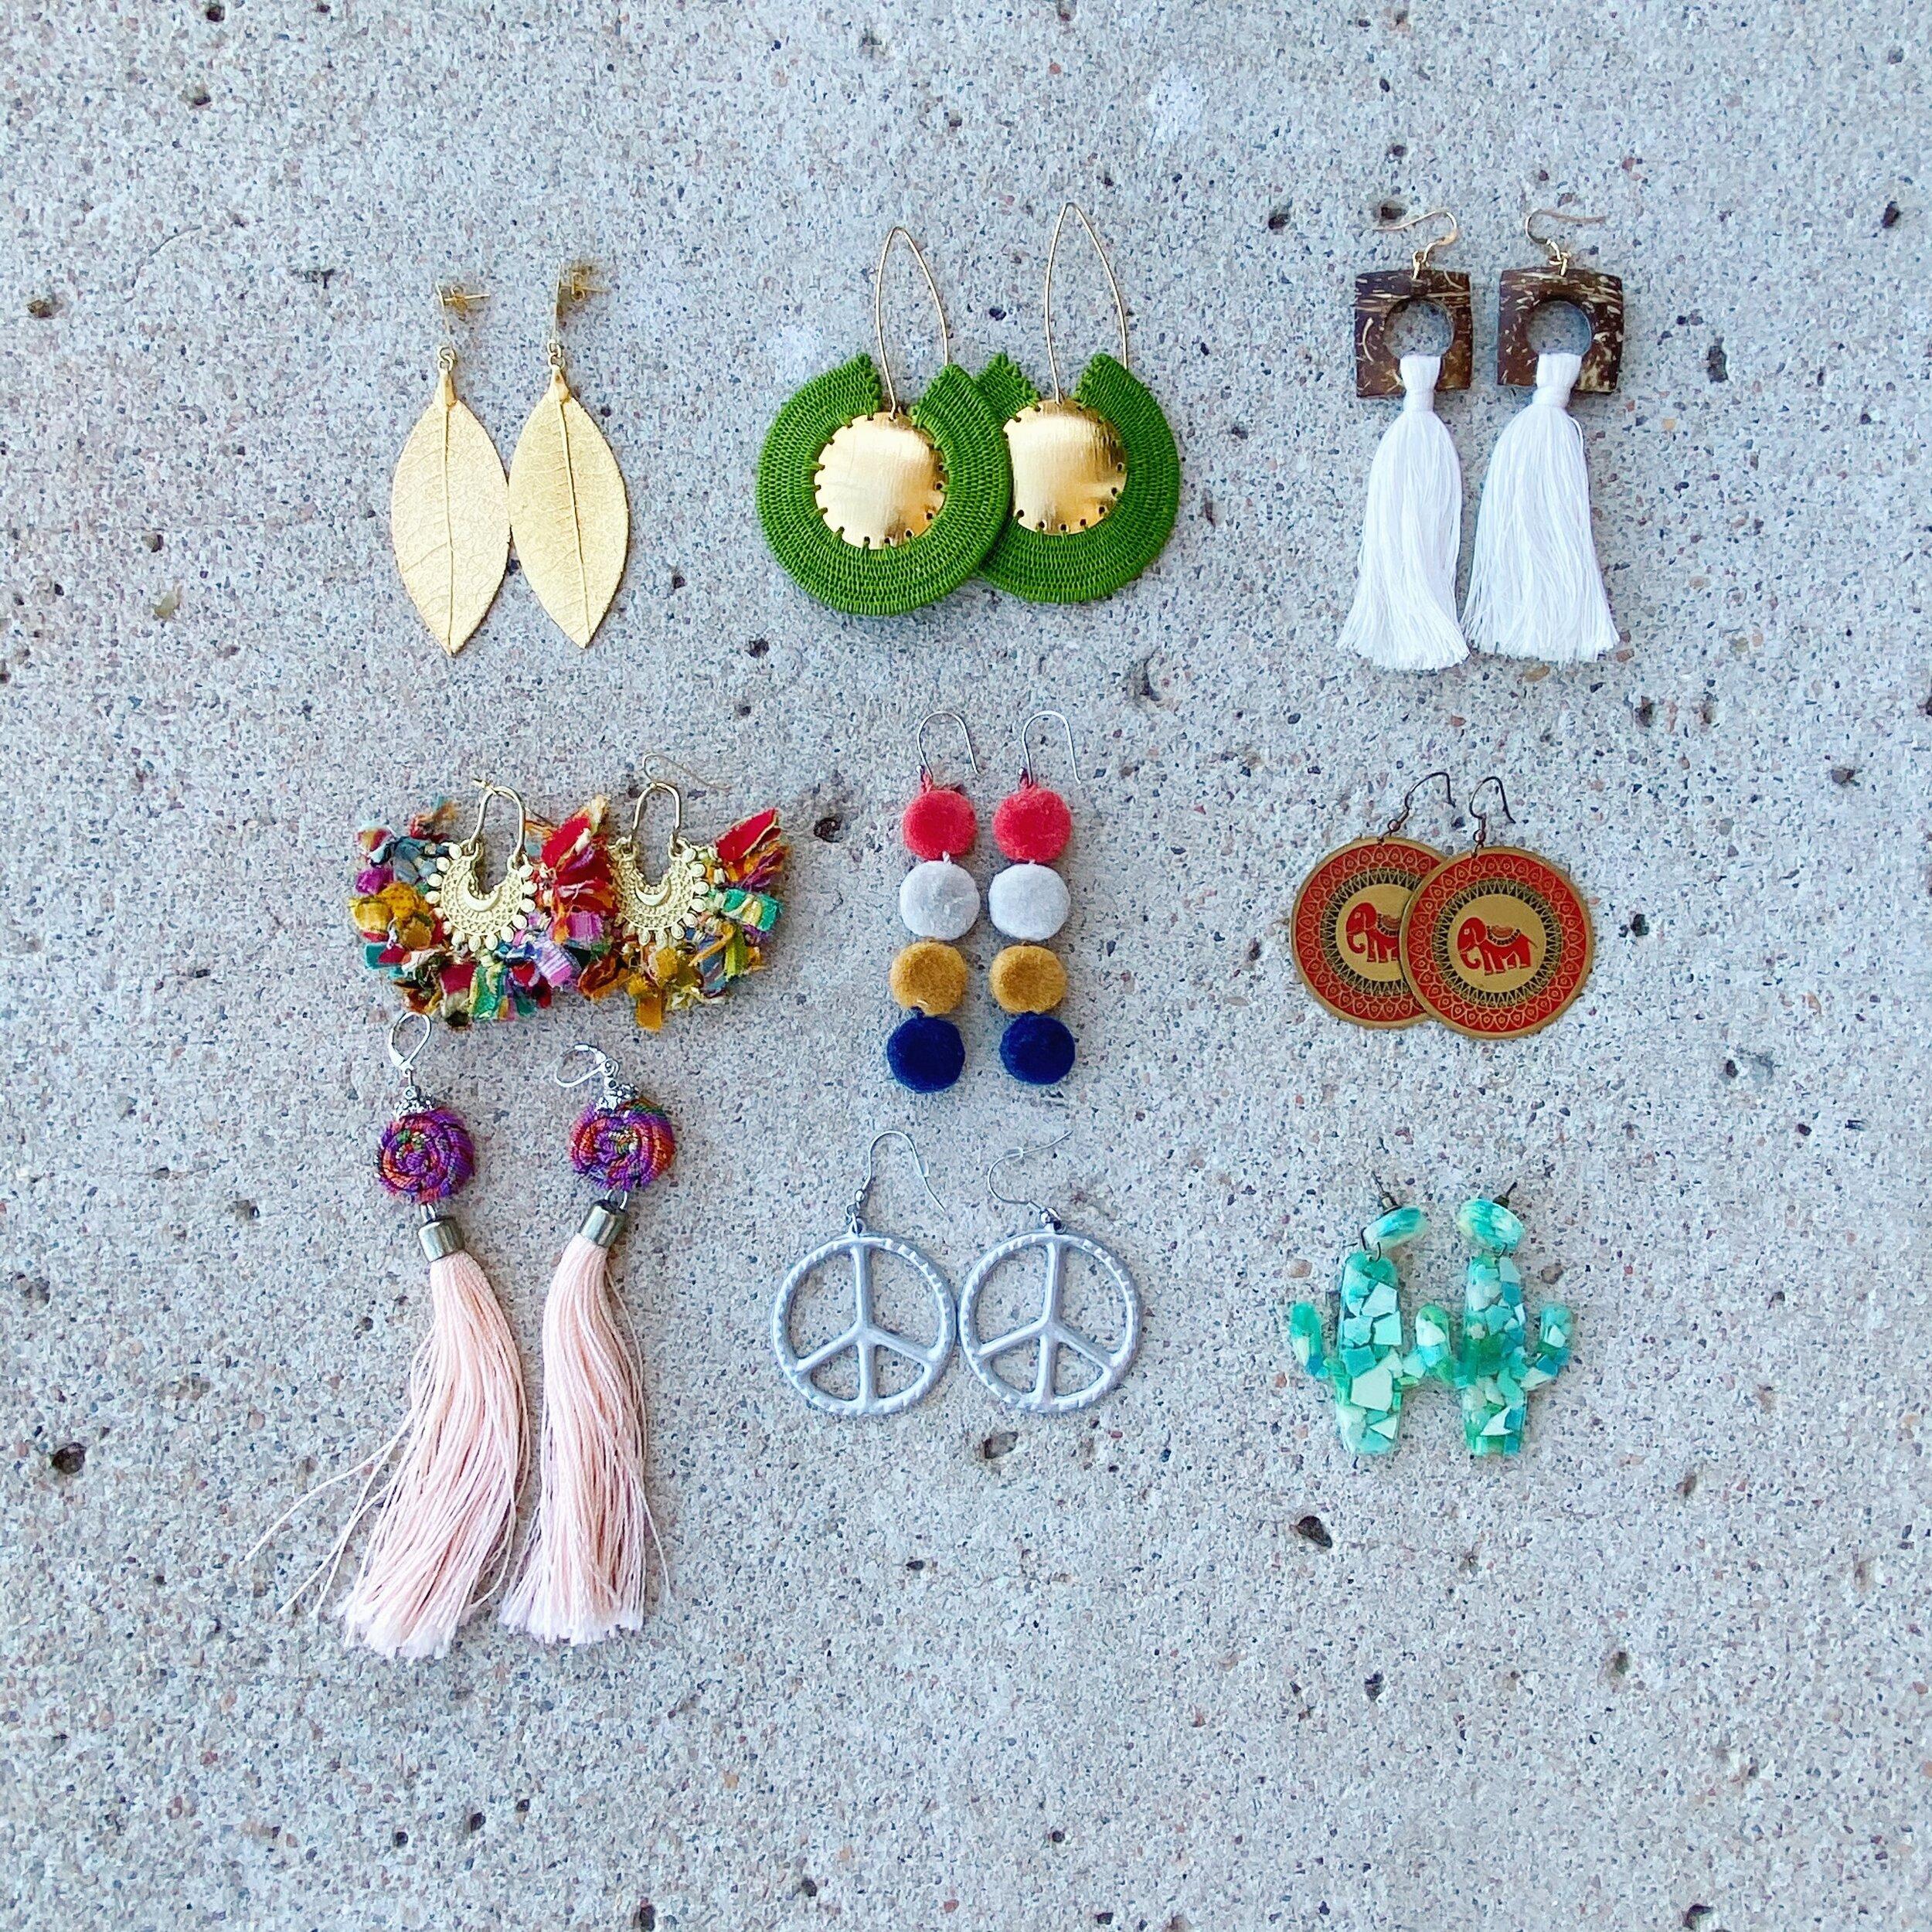 leaves leaf earrings handmade earrings nature earrings in recycled plastic leaf earrings colored earrings